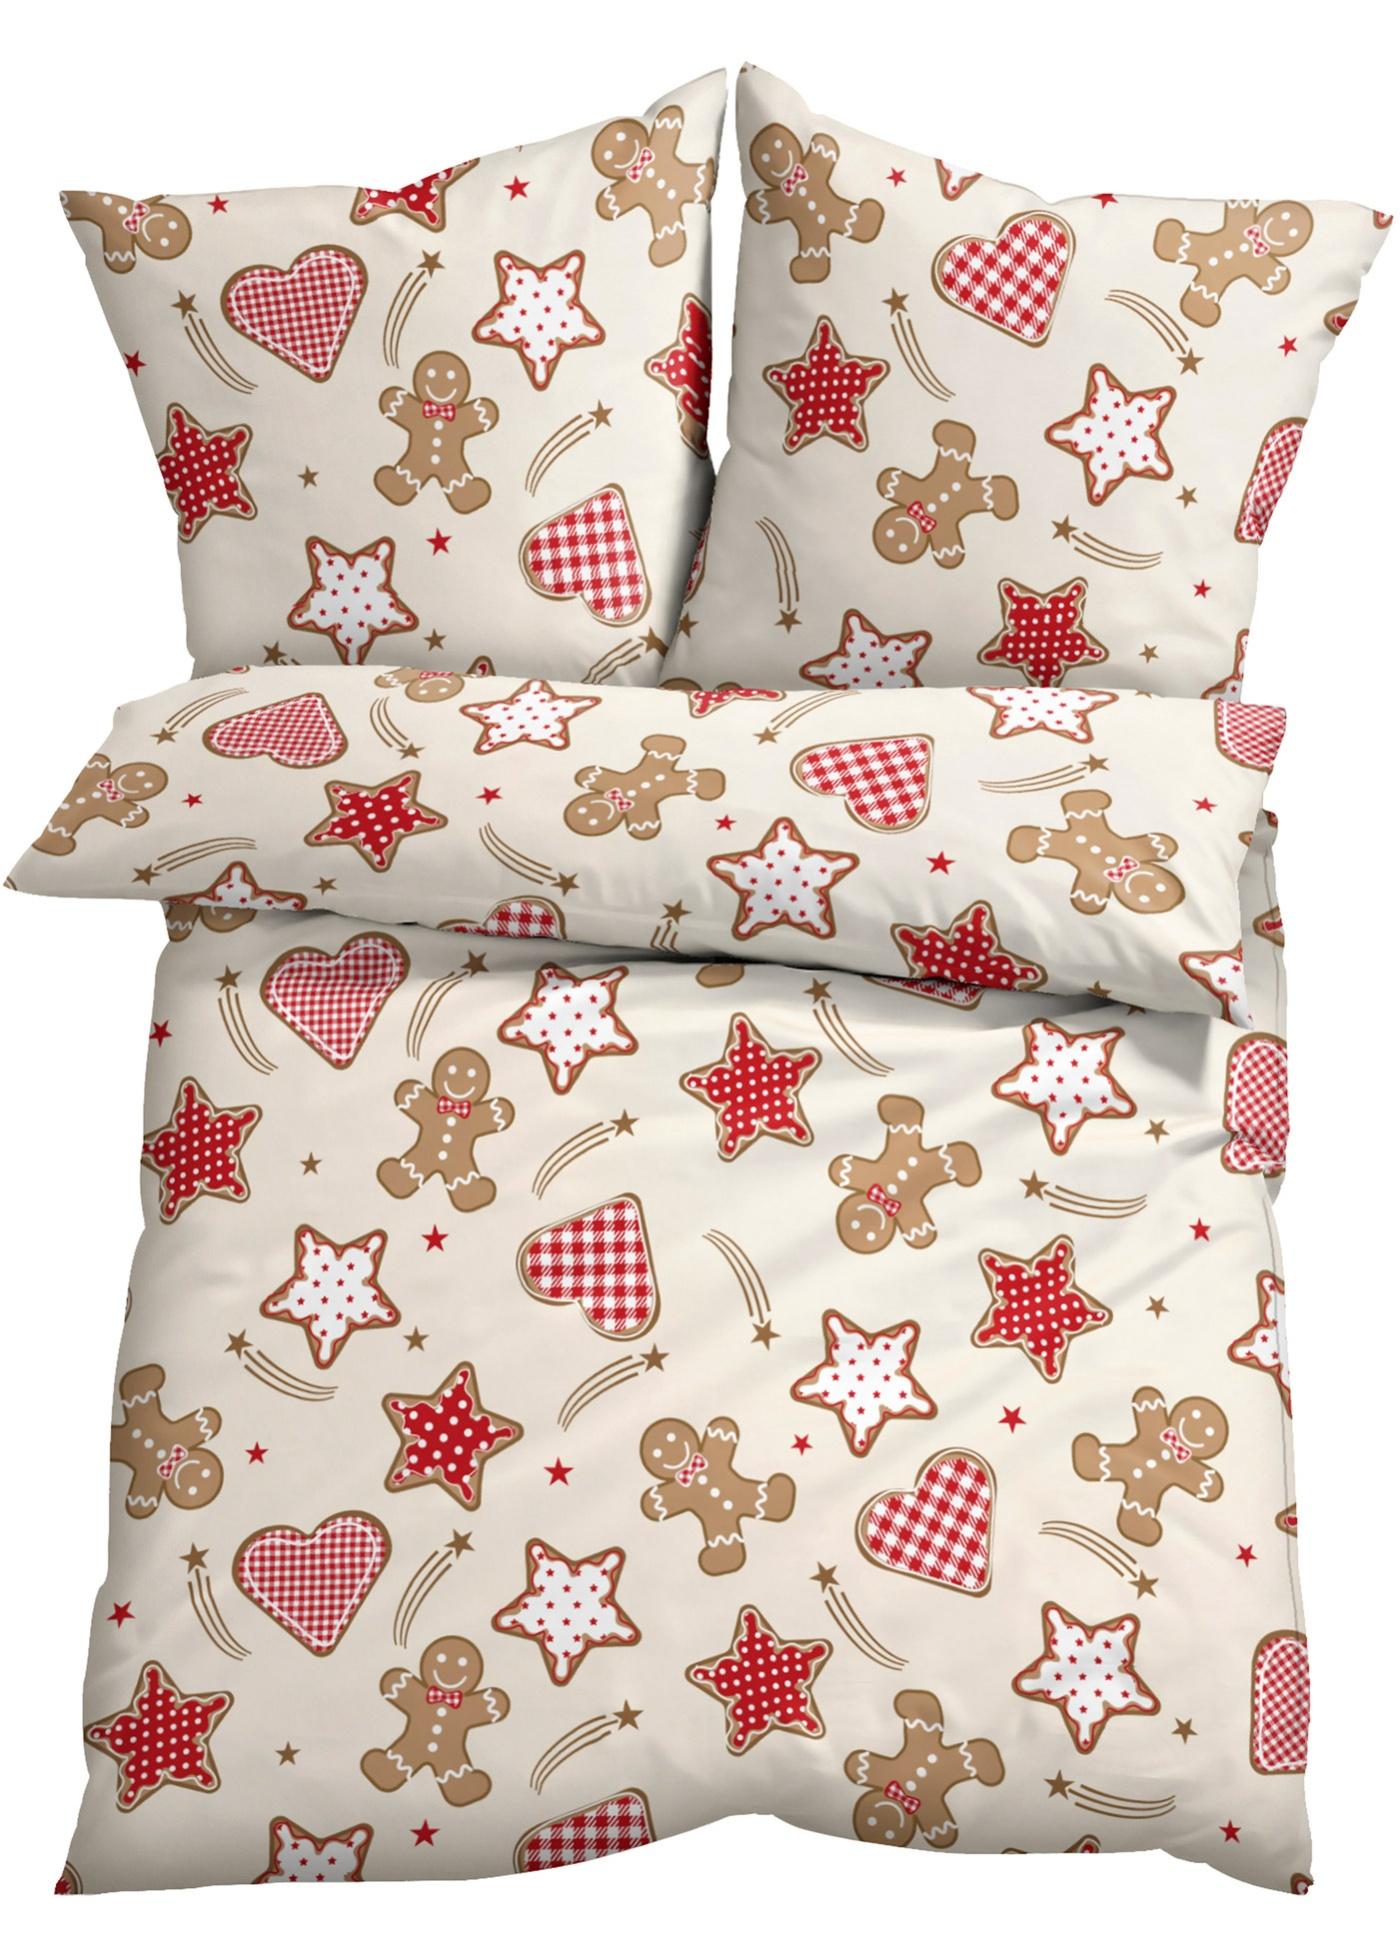 Linge de lit imprimé avec des motifs de Noël.